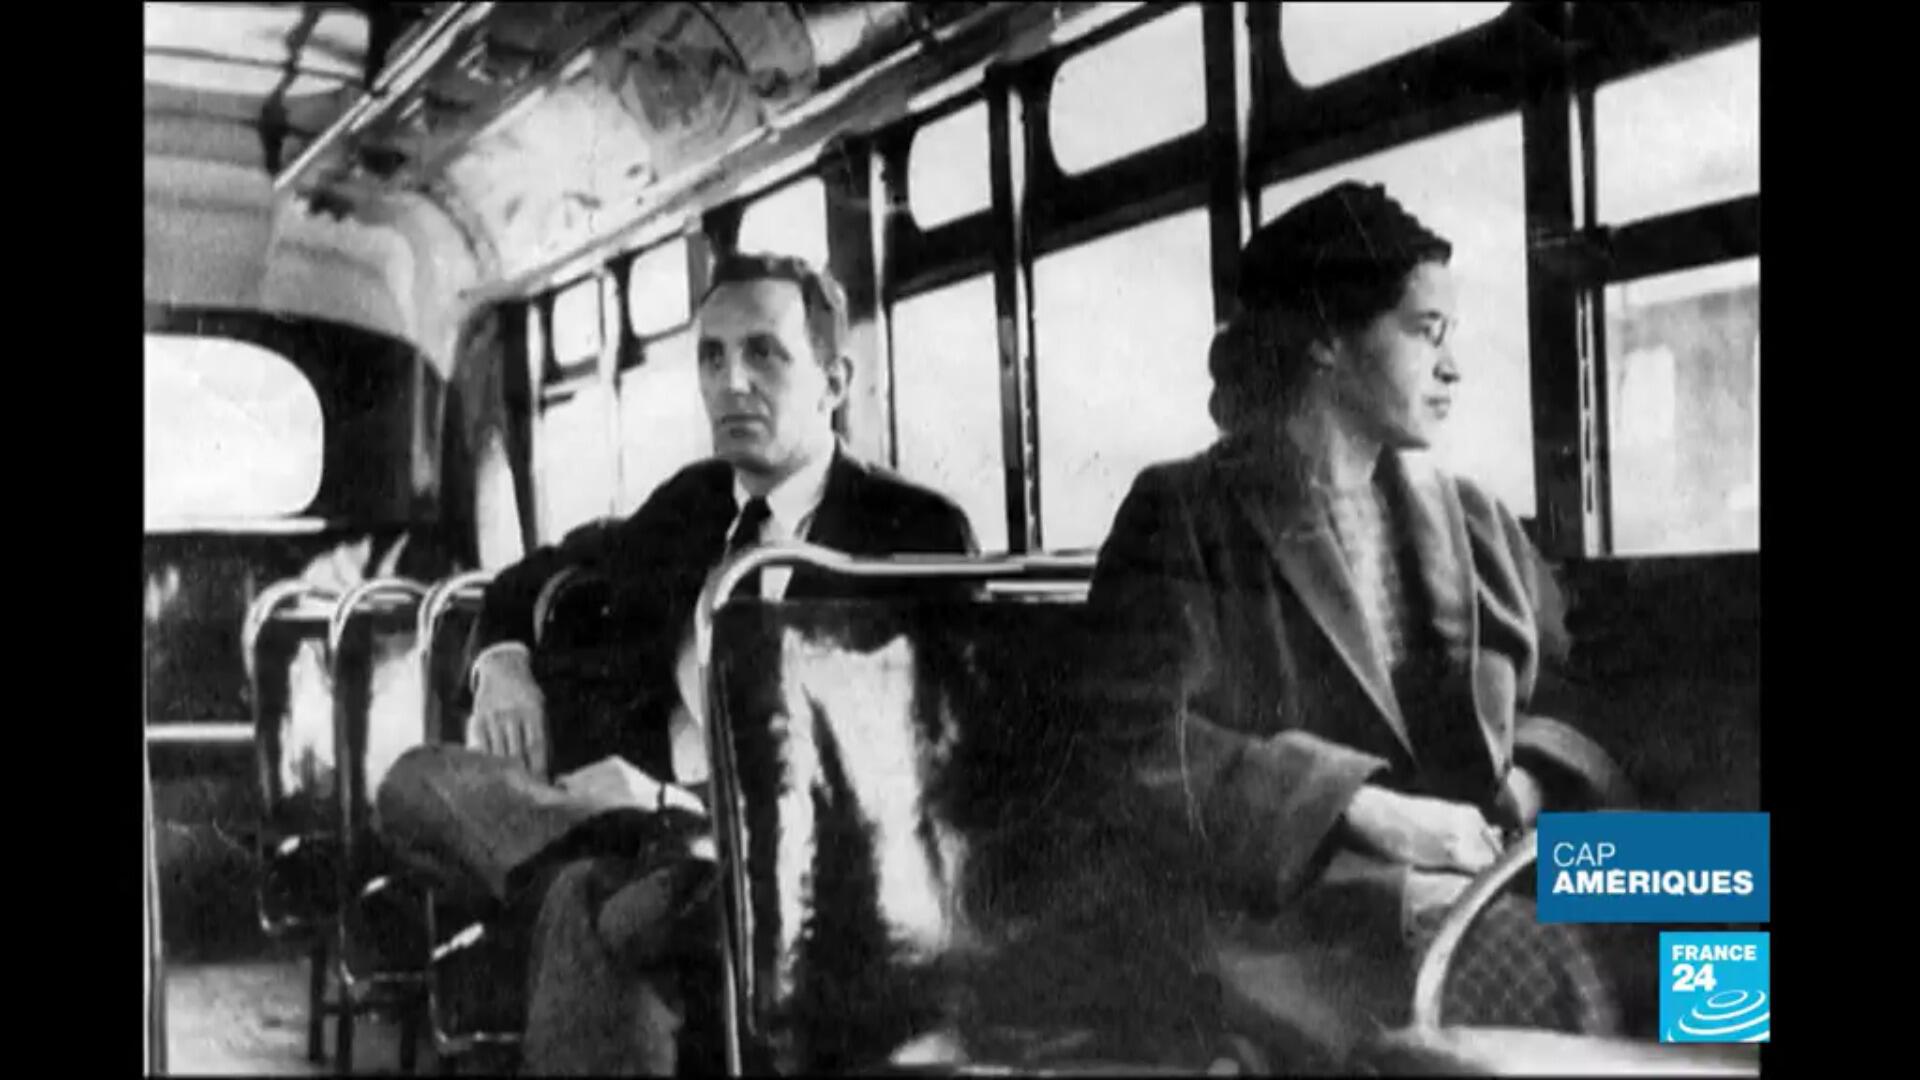 Rosa Parks, en 1955, figure emblématique de la lutte contre la ségrégation raciale aux États-Unis.